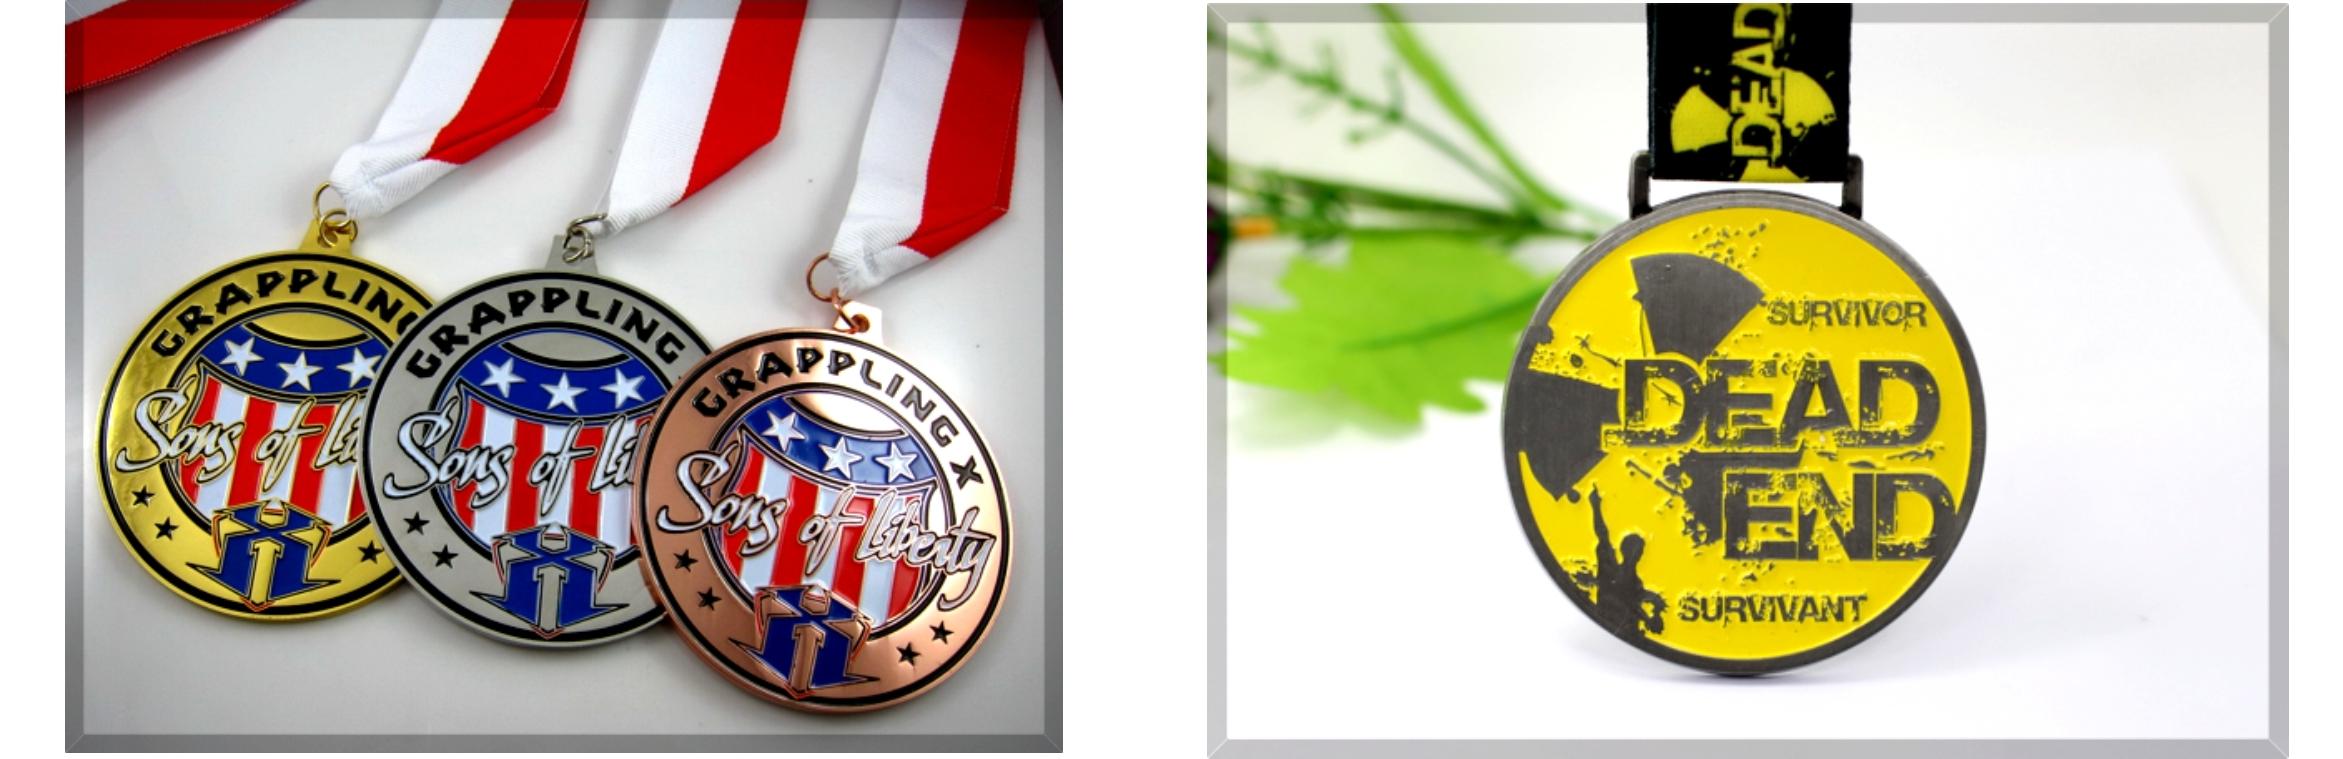 Pokale & Preise Medaillen Pokale Pokal Emblem Jugend Turnier 24 Embleme D:50mm Fußball 2